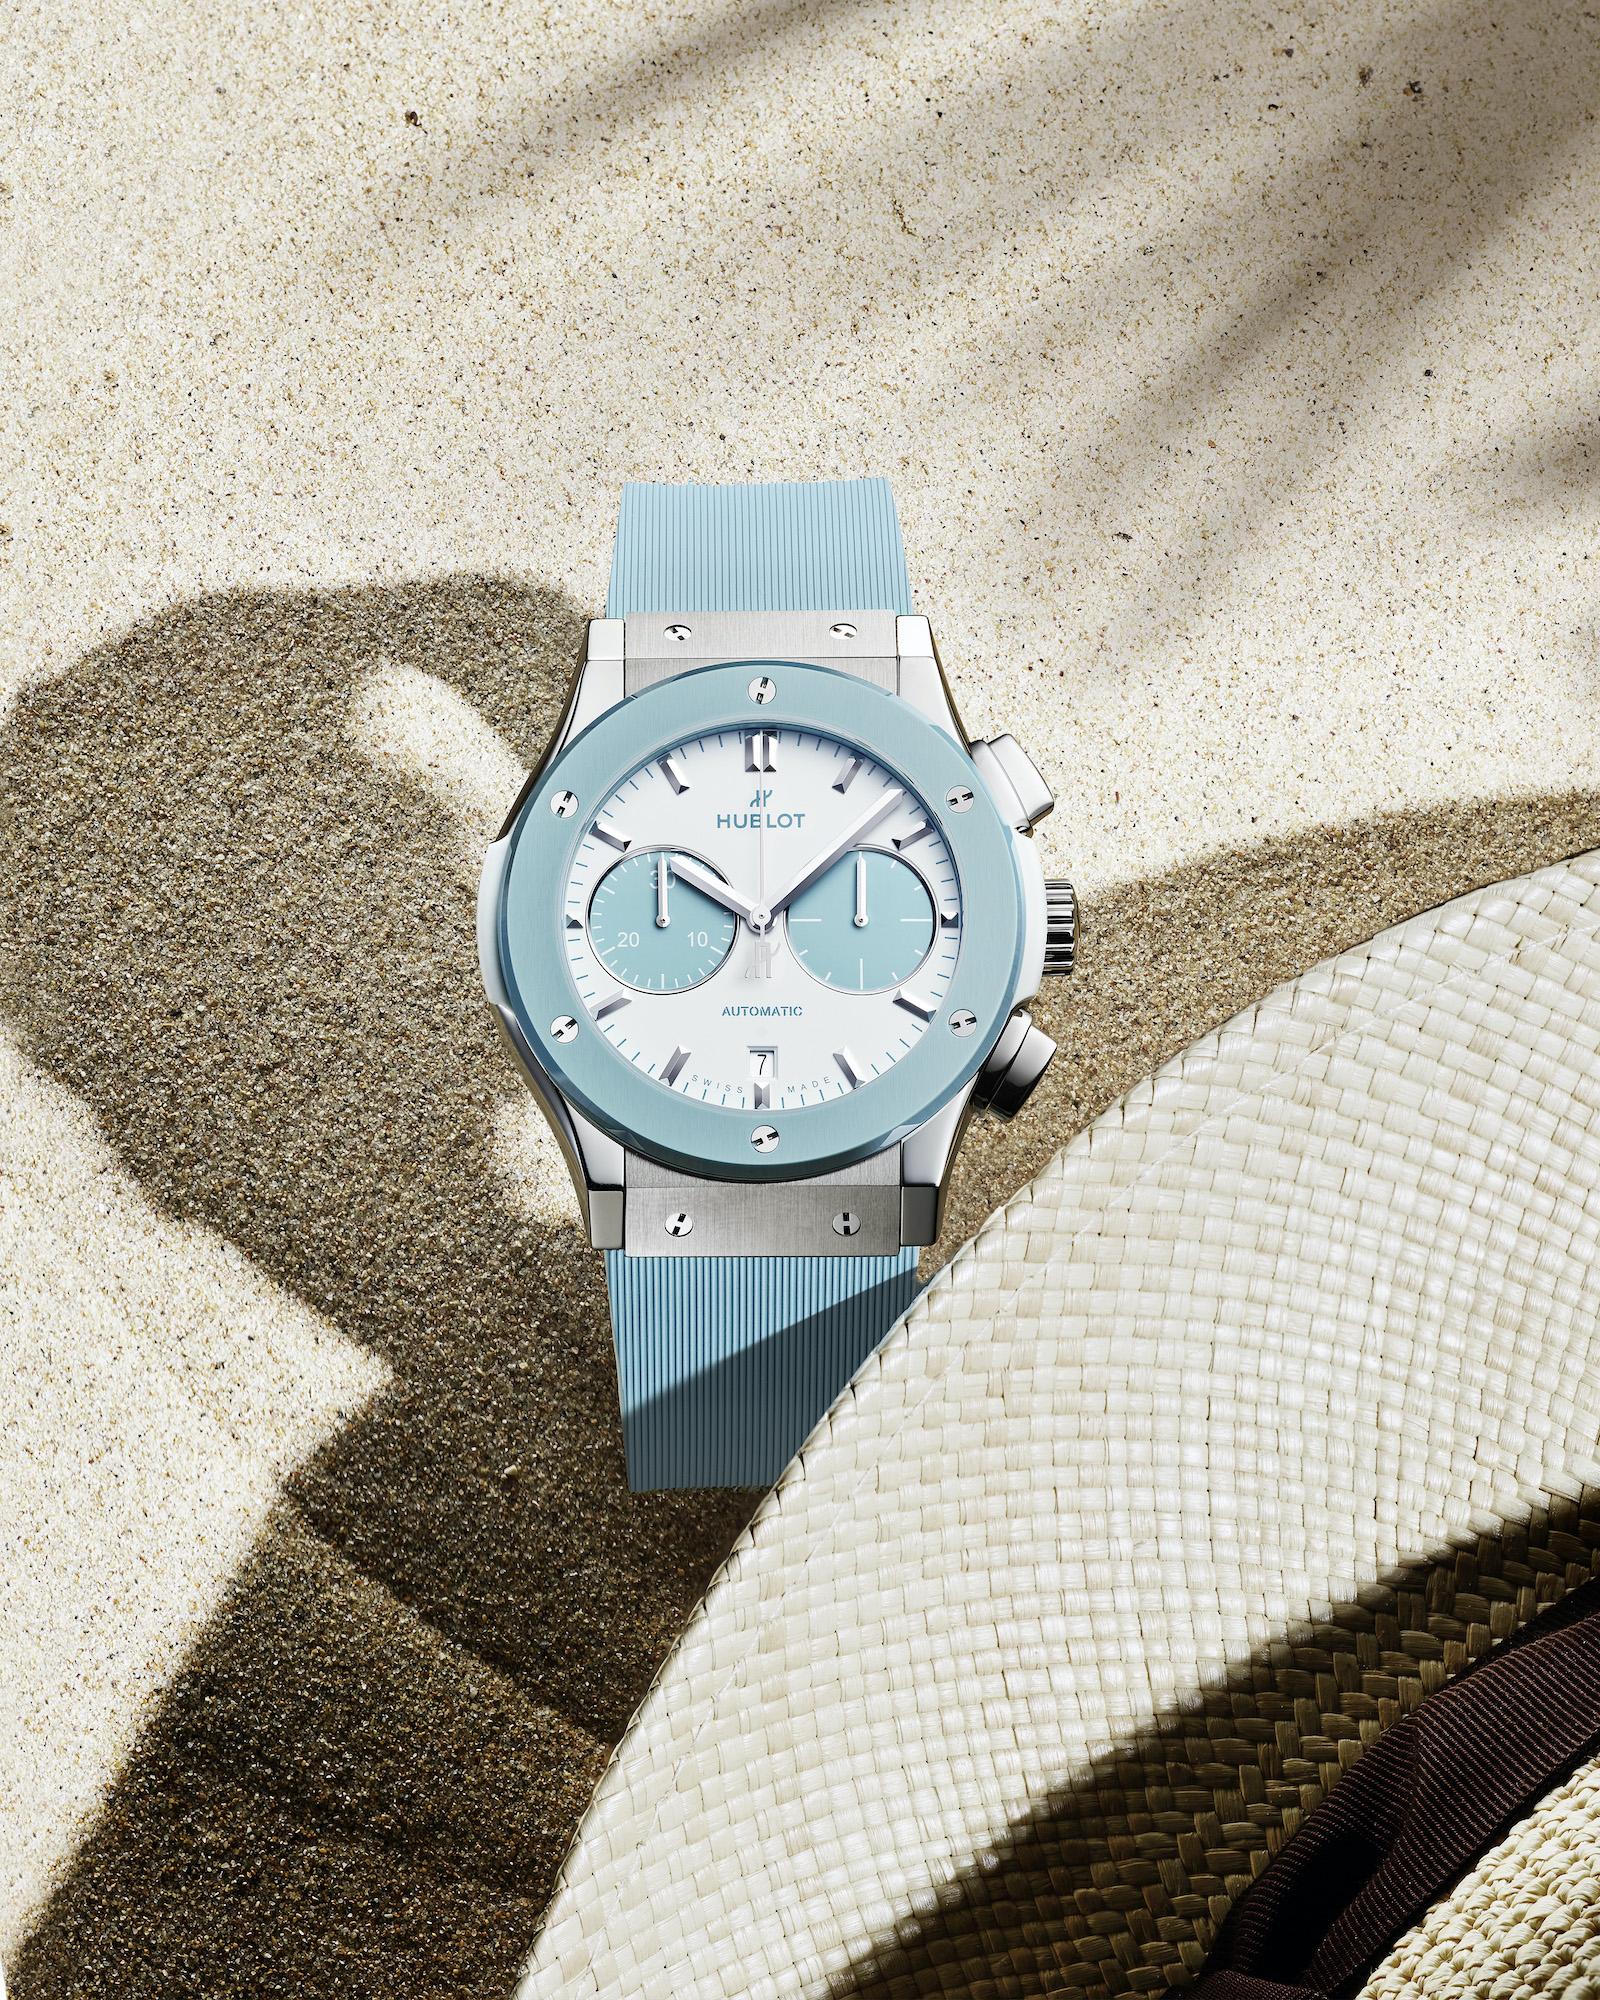 Hublot Classic Fusion Chronograph Boutique Capri 521.NL.8929.RX.CAP21 Lifestyle 2